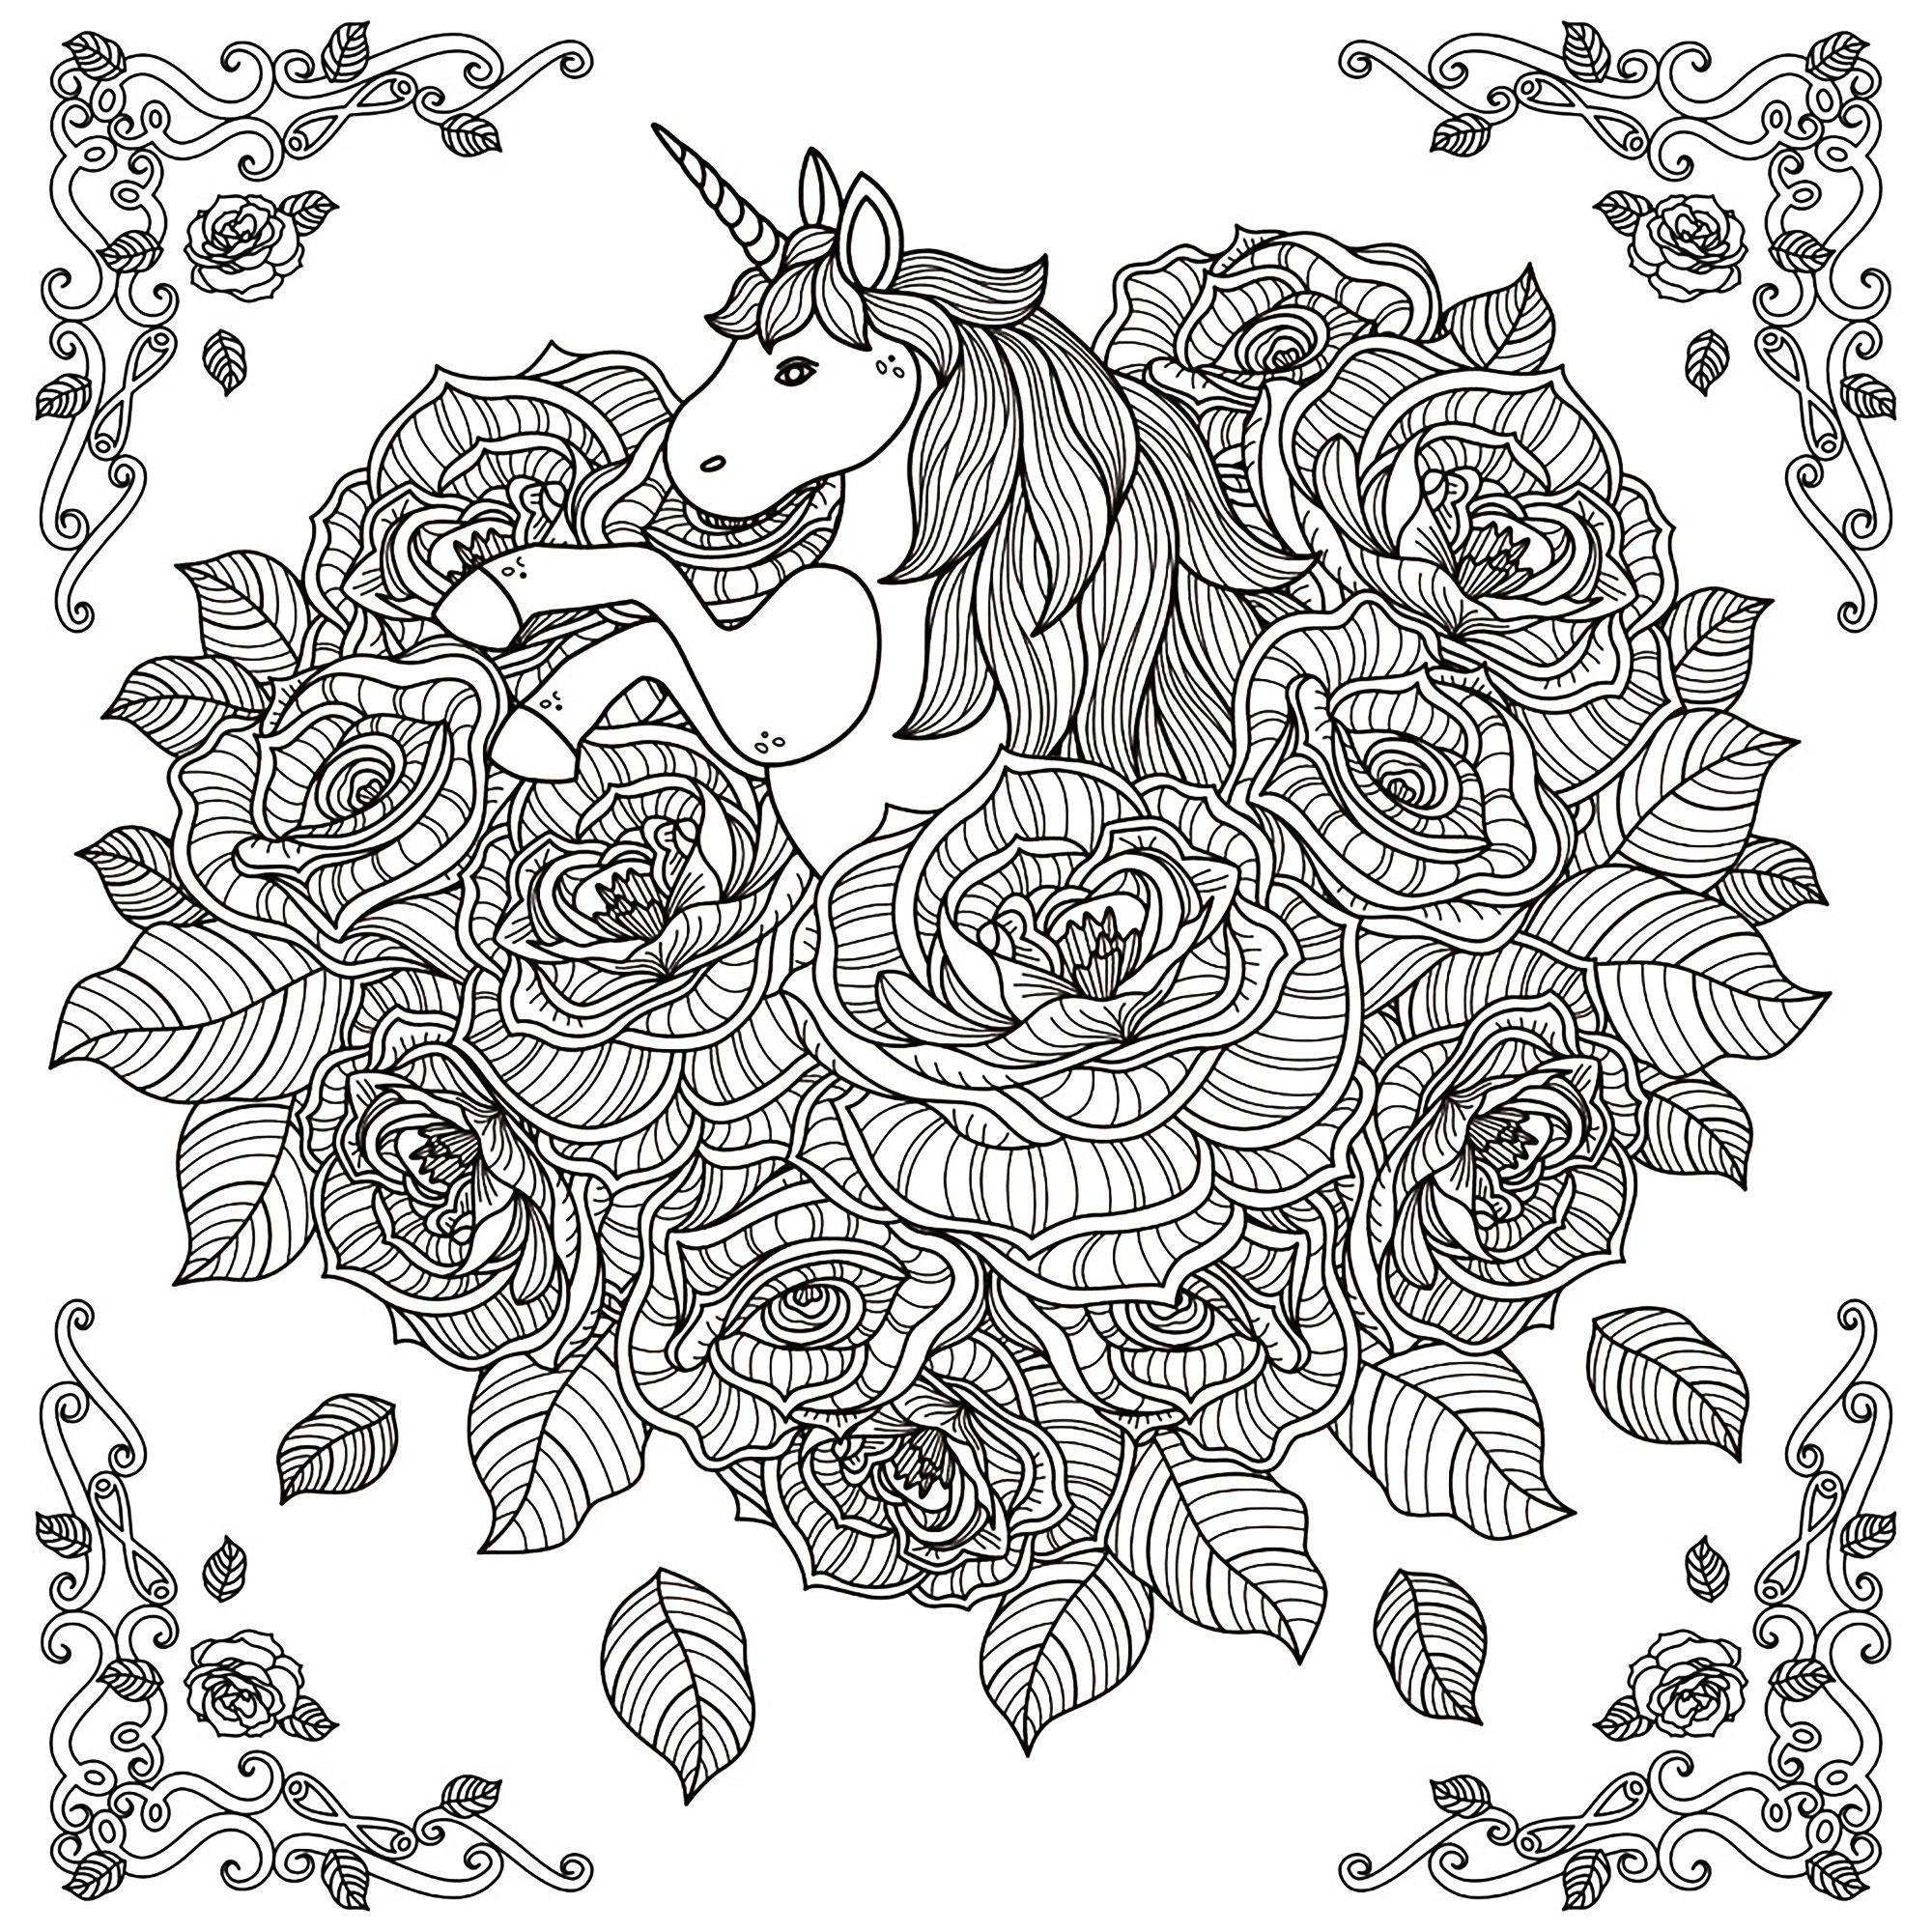 Coloriage Mandala Licorne A Imprimer Licorne Mandala Par Kchunga